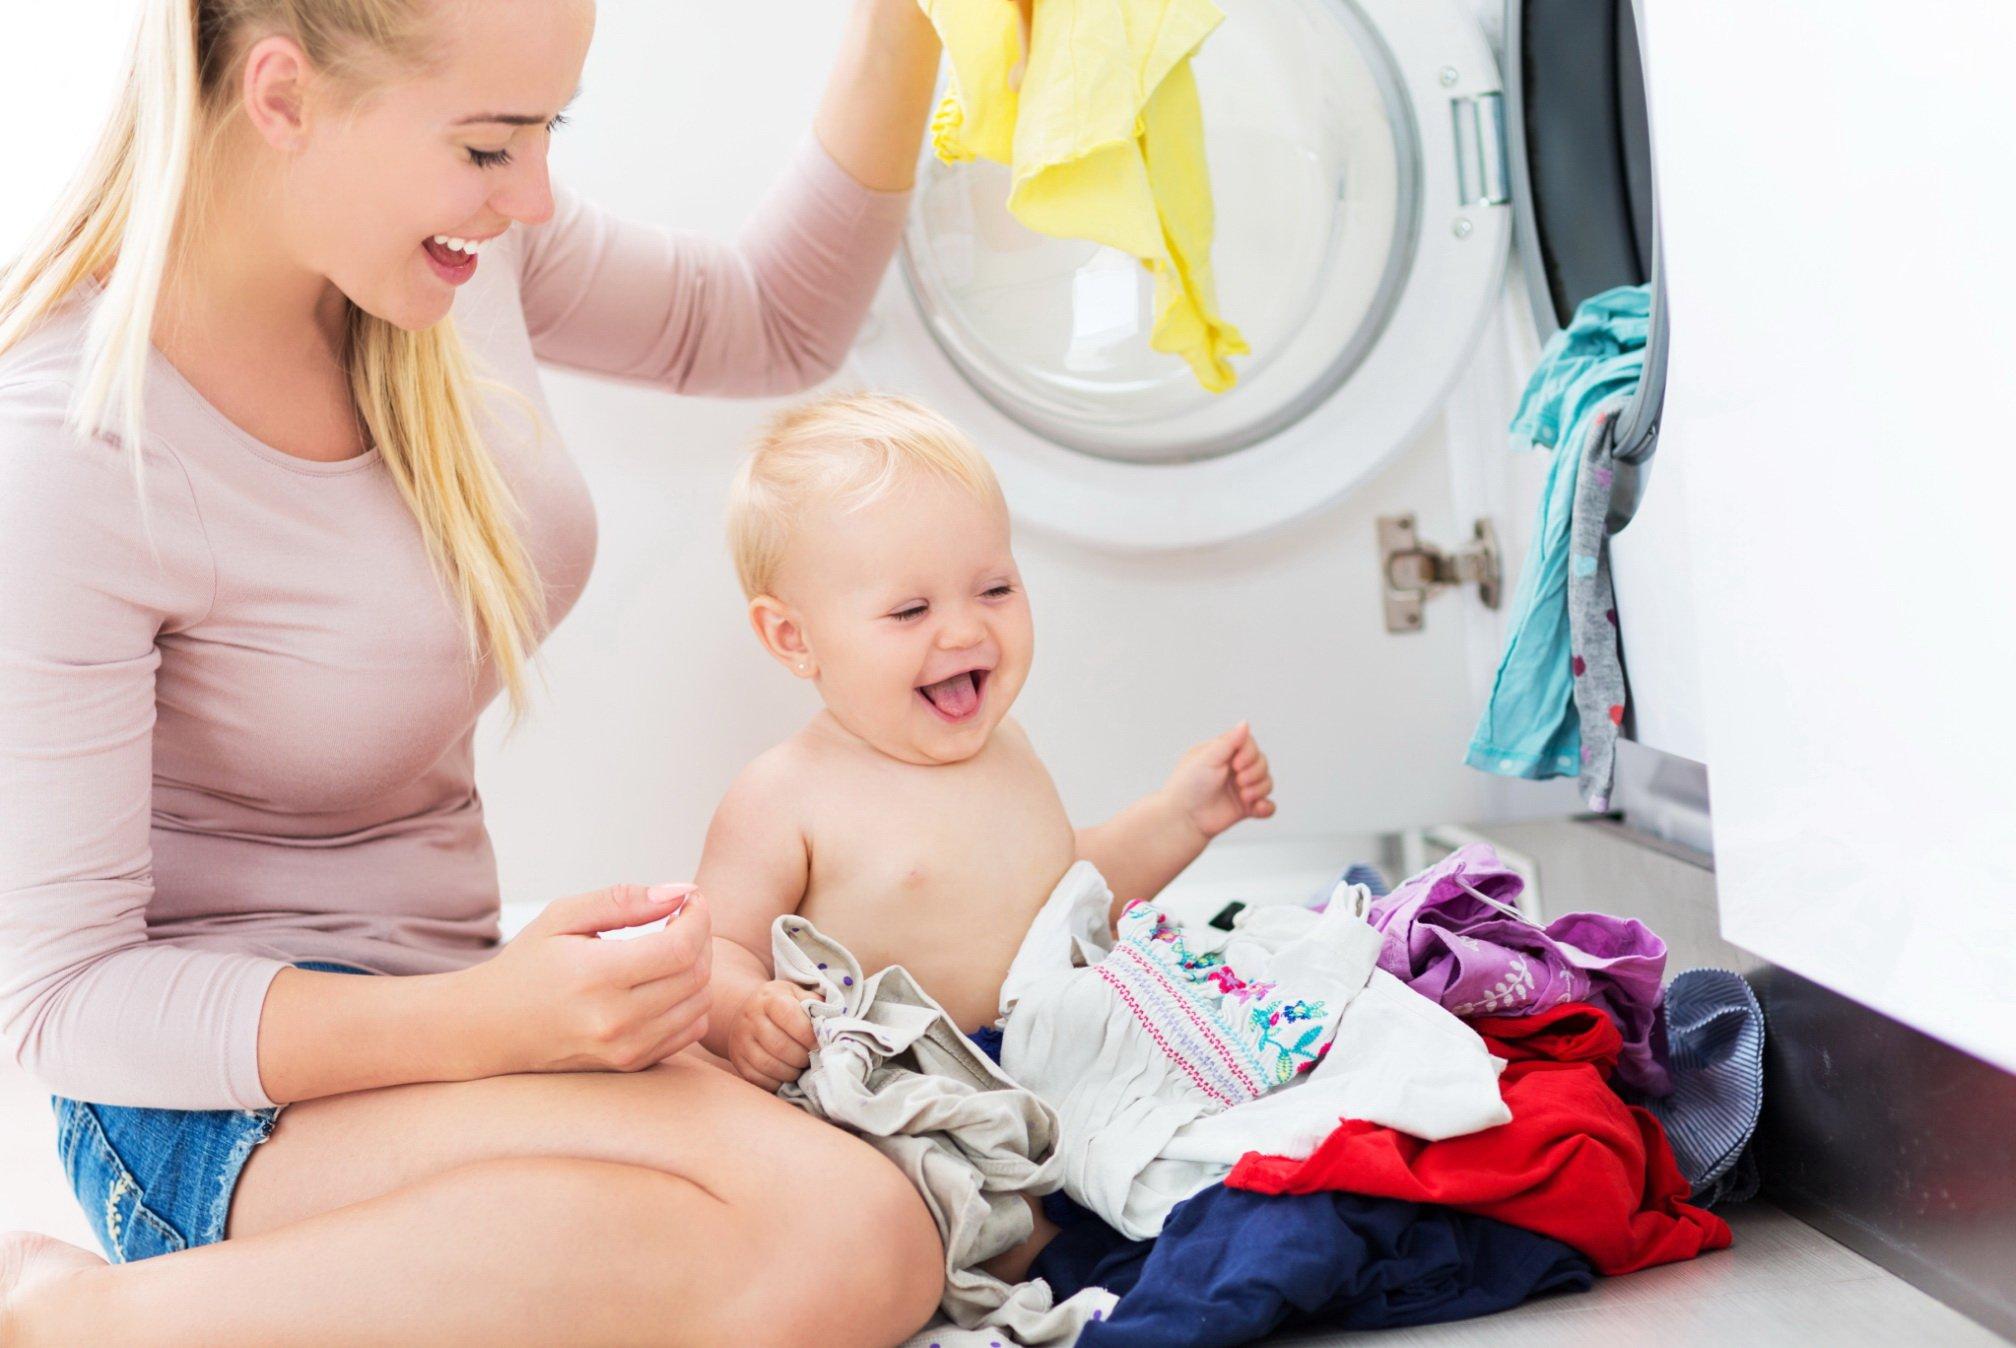 Стирать одежду для новорожденных рекомендуется исключительно специализированными средствами